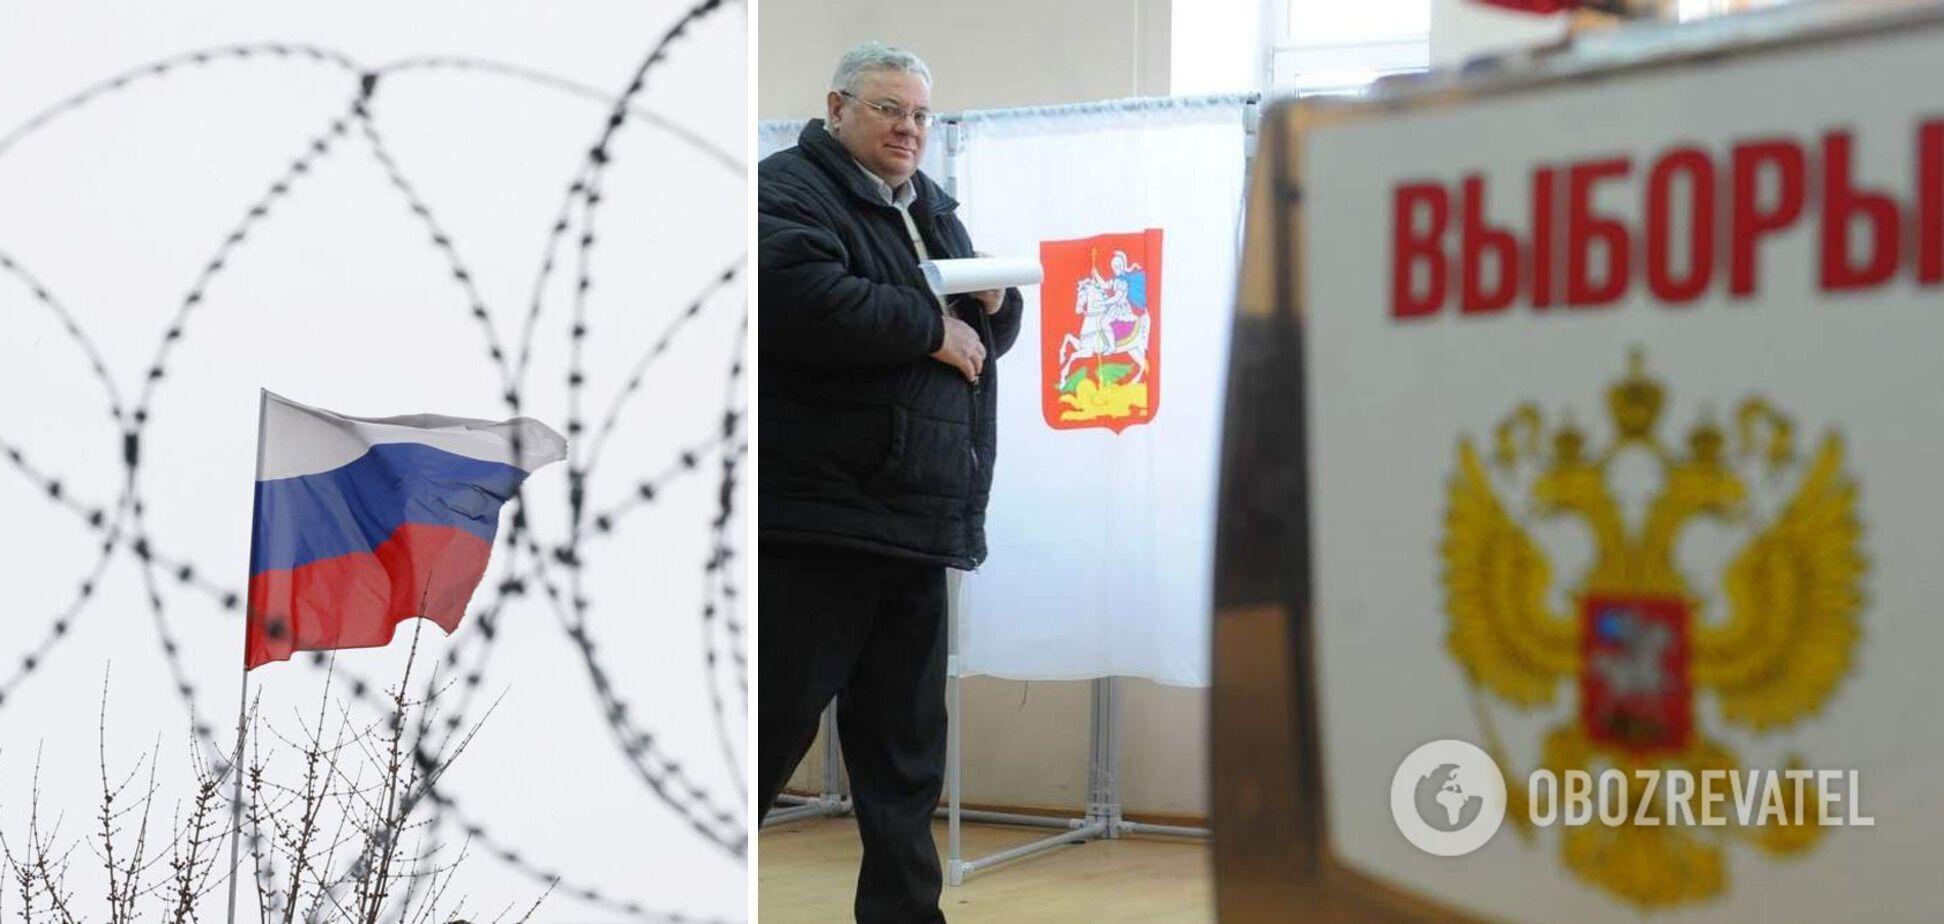 Новини Кримнашу. 'Твоя думка залишилася в Україні: прийдеш, проголосуєш, сфотографуєш і мені покажеш (с)'